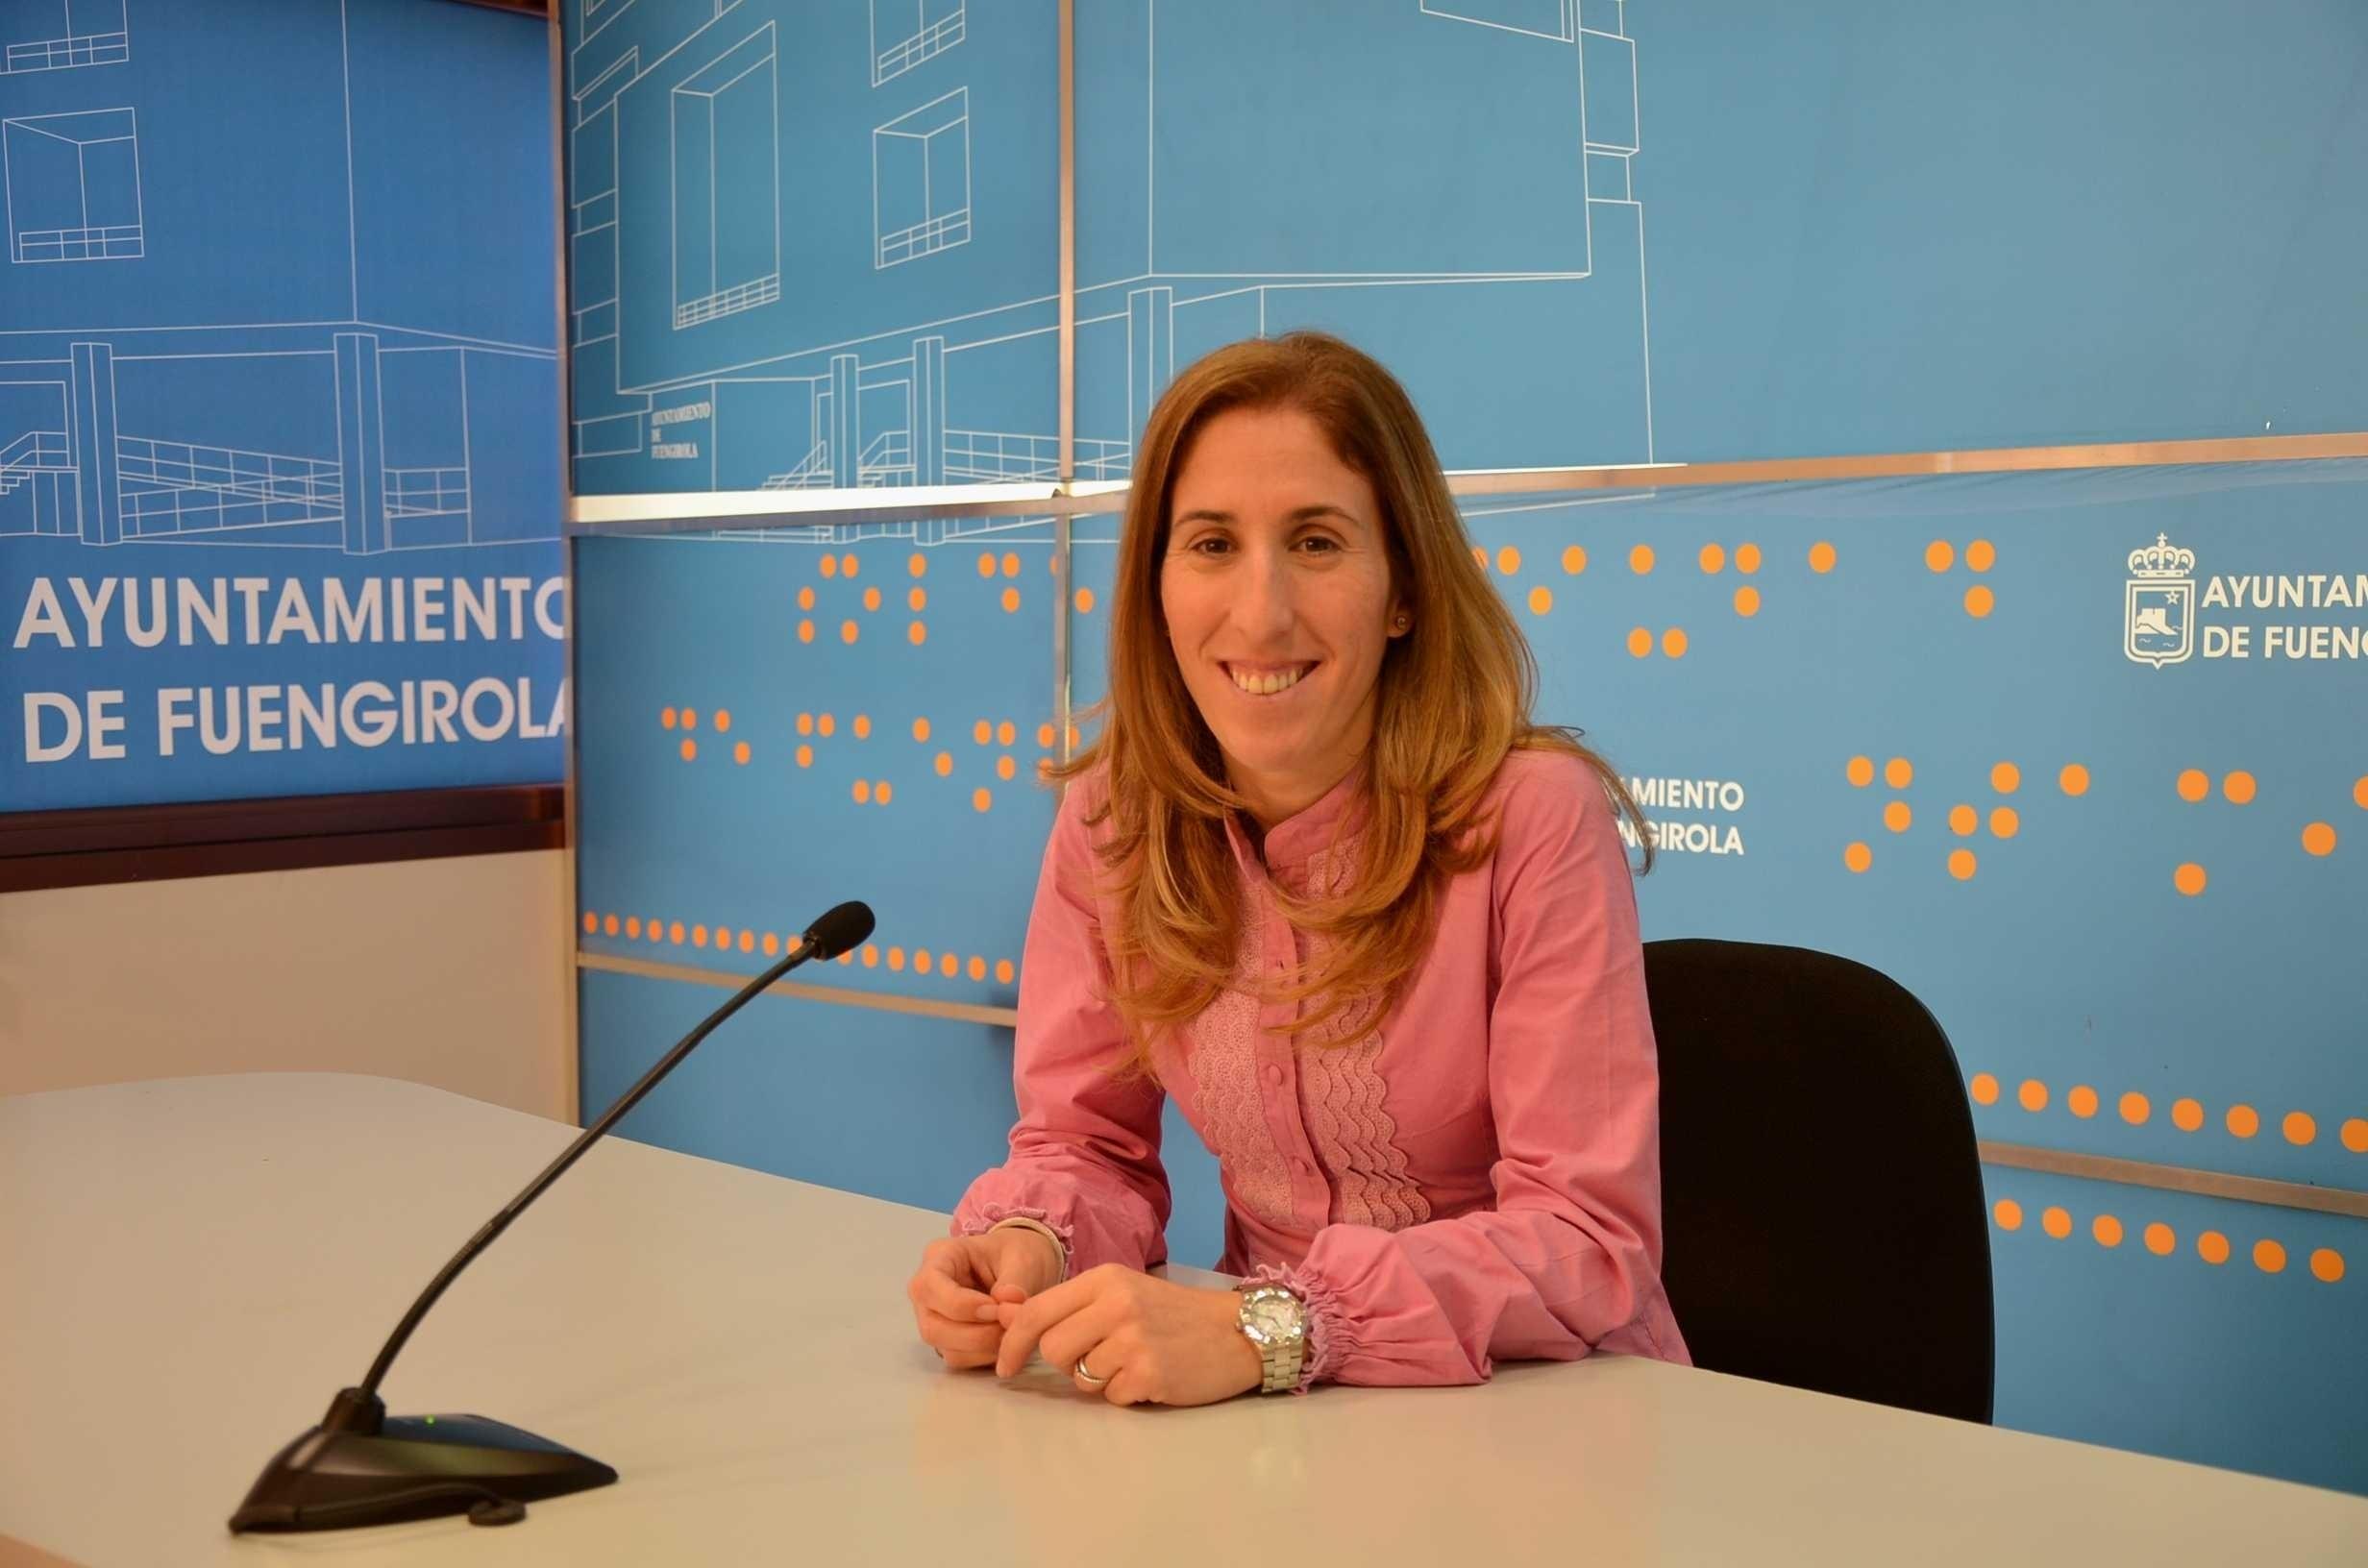 El Ayuntamiento de Fuengirola solicita a la Junta la cofinanciación de un Taller de Empleo para 30 desempleados